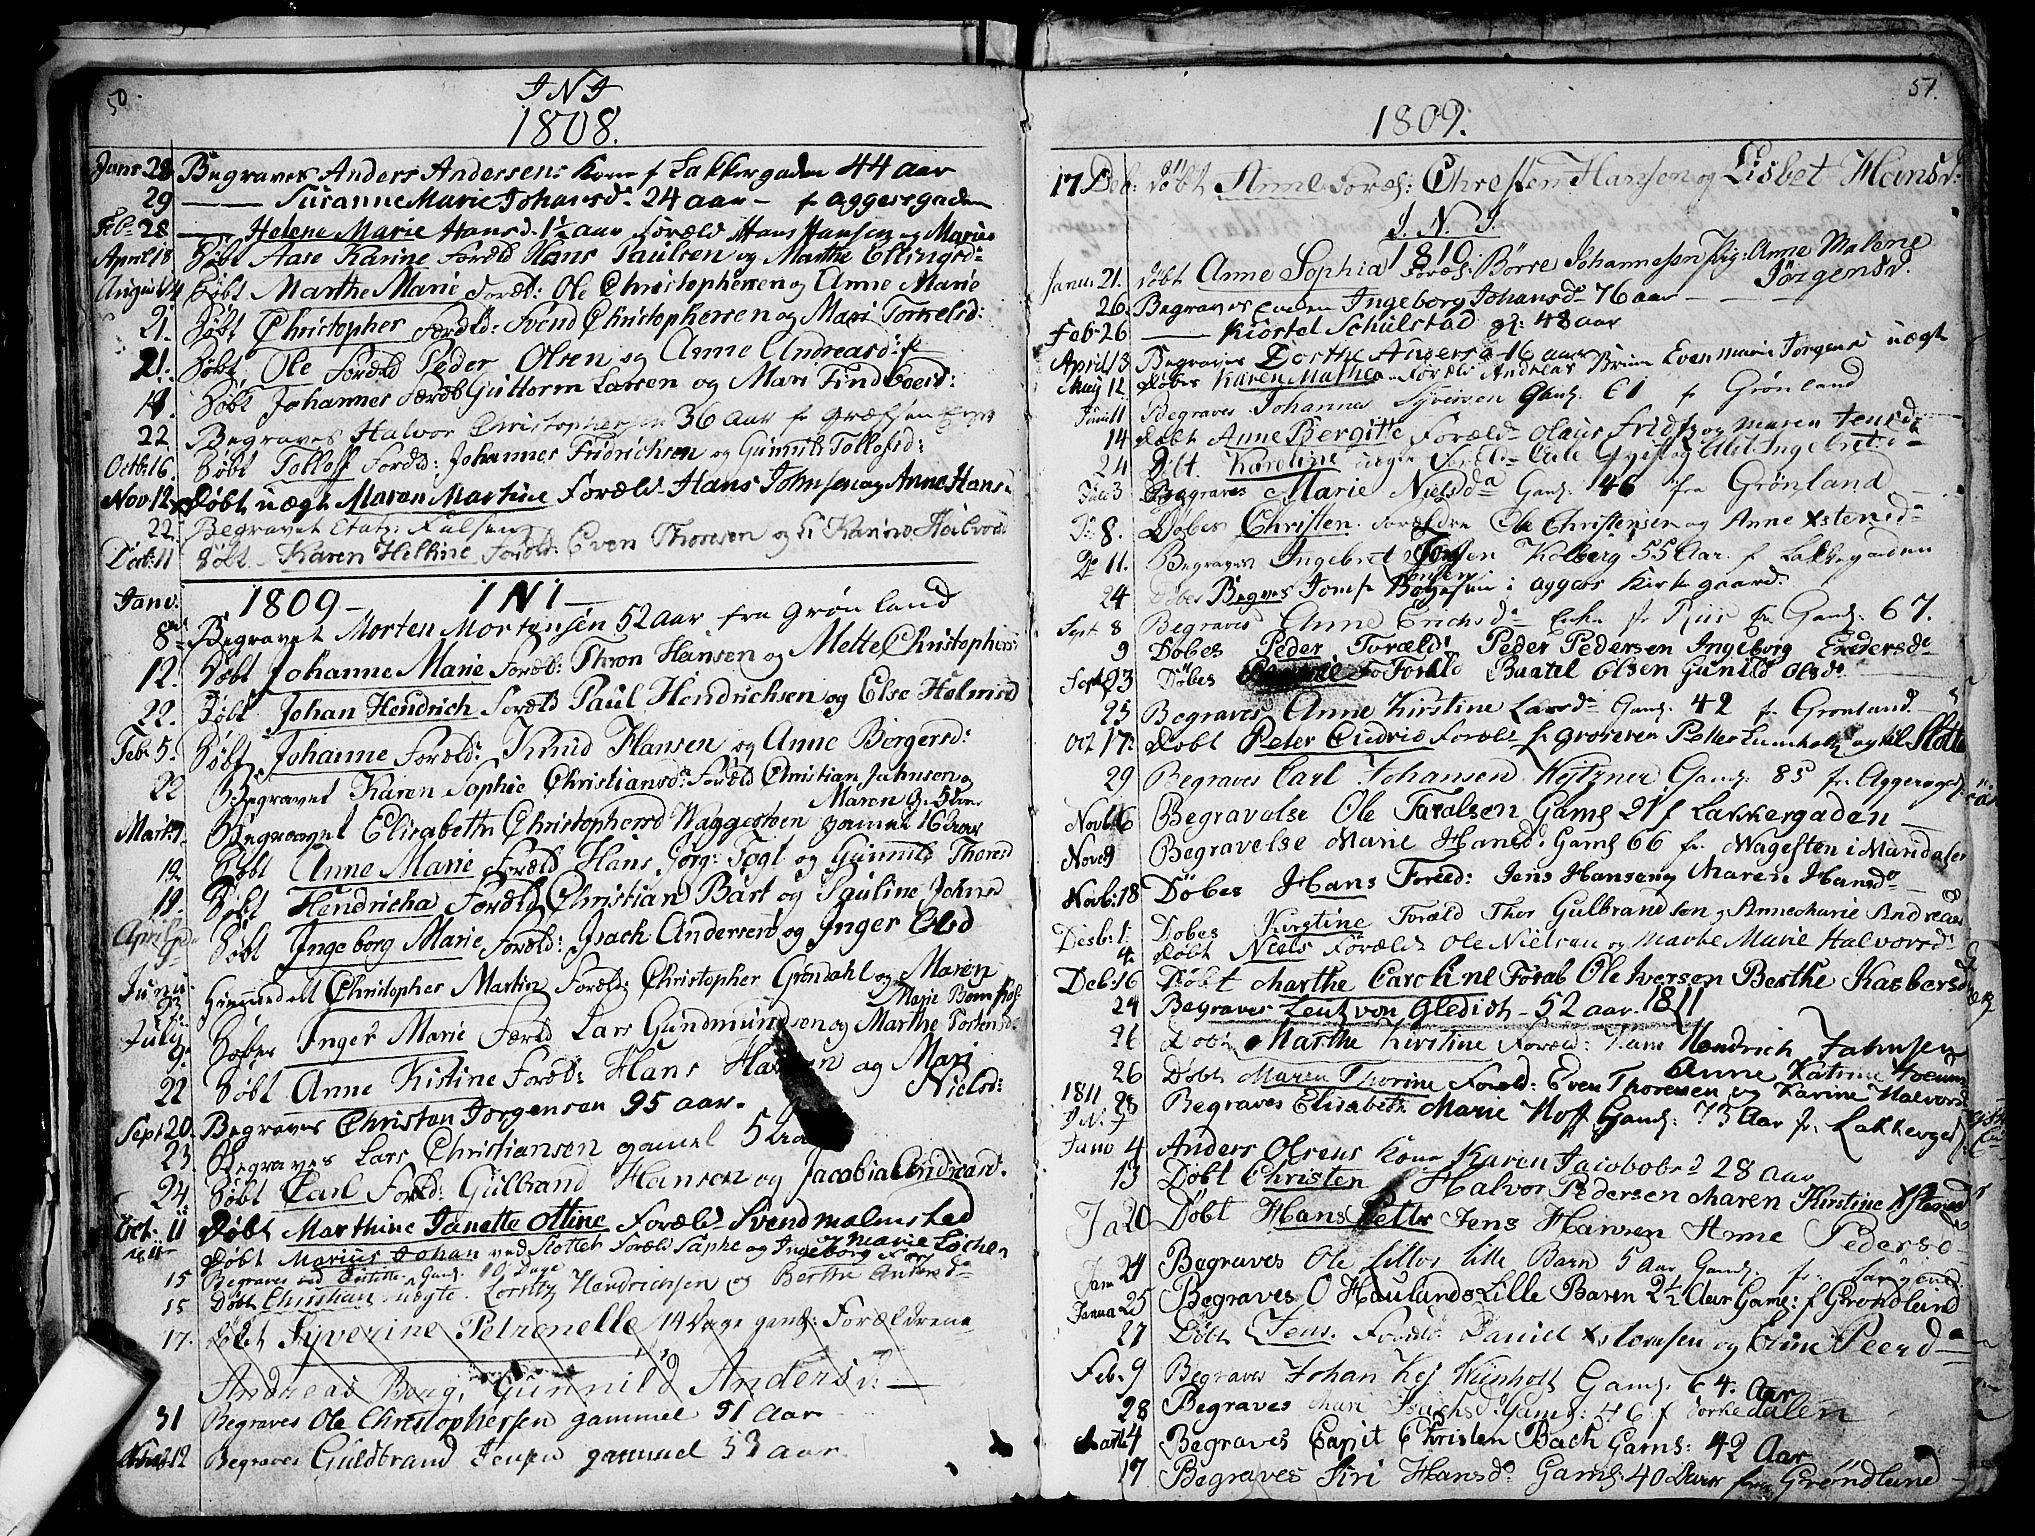 SAO, Aker prestekontor kirkebøker, G/L0001: Klokkerbok nr. 1, 1796-1826, s. 50-51